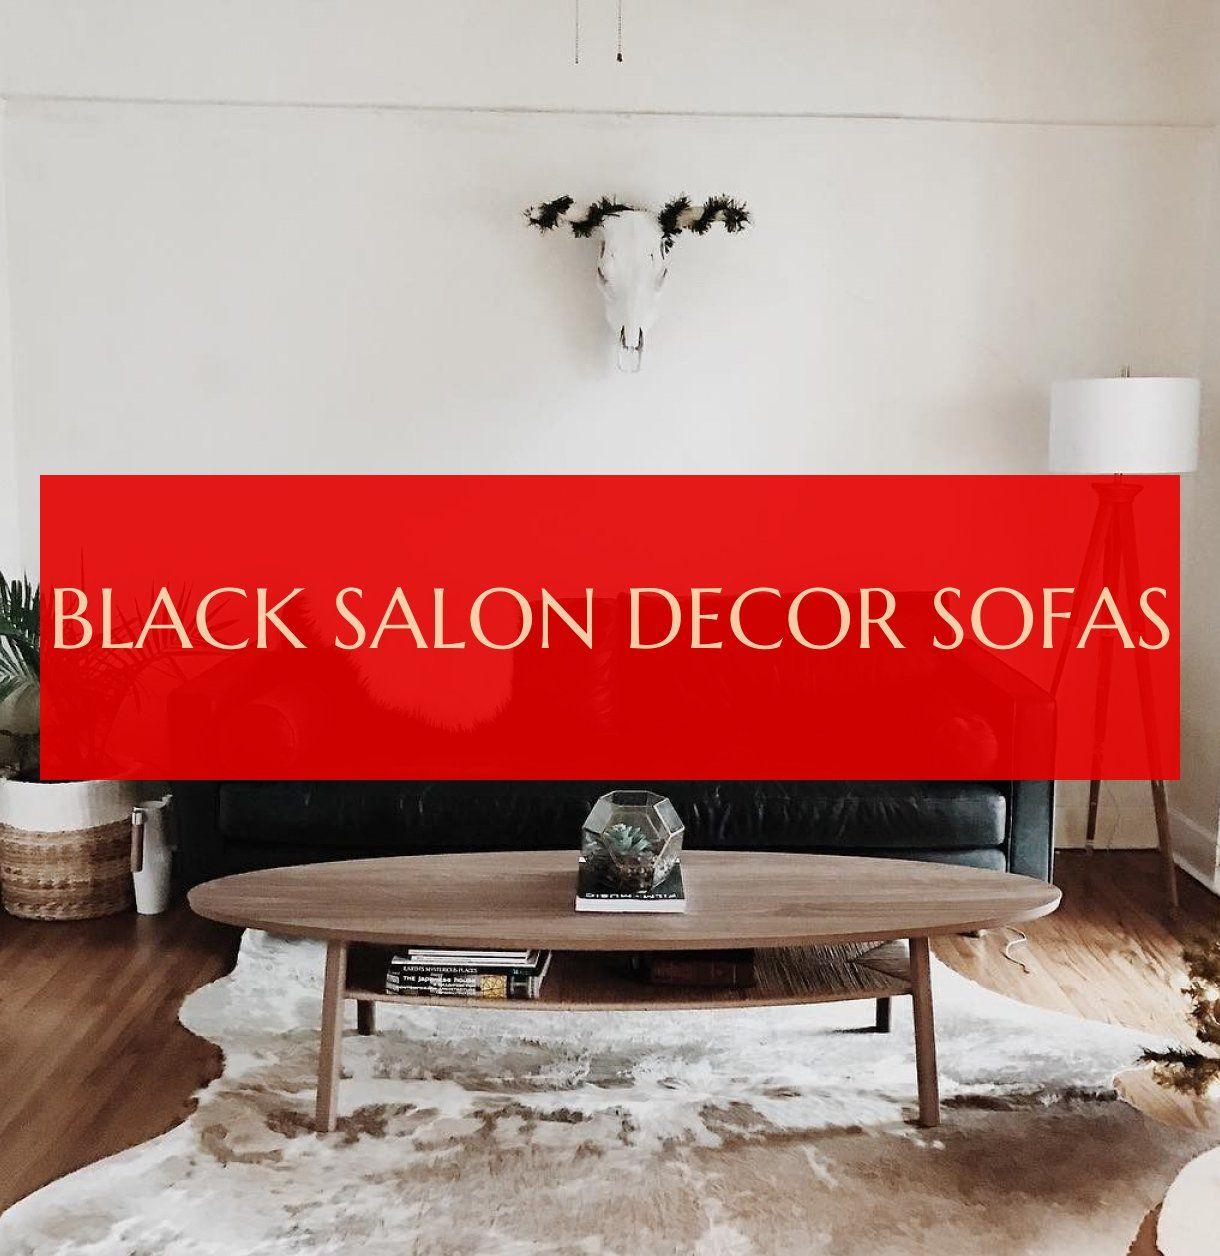 black salon decor sofas